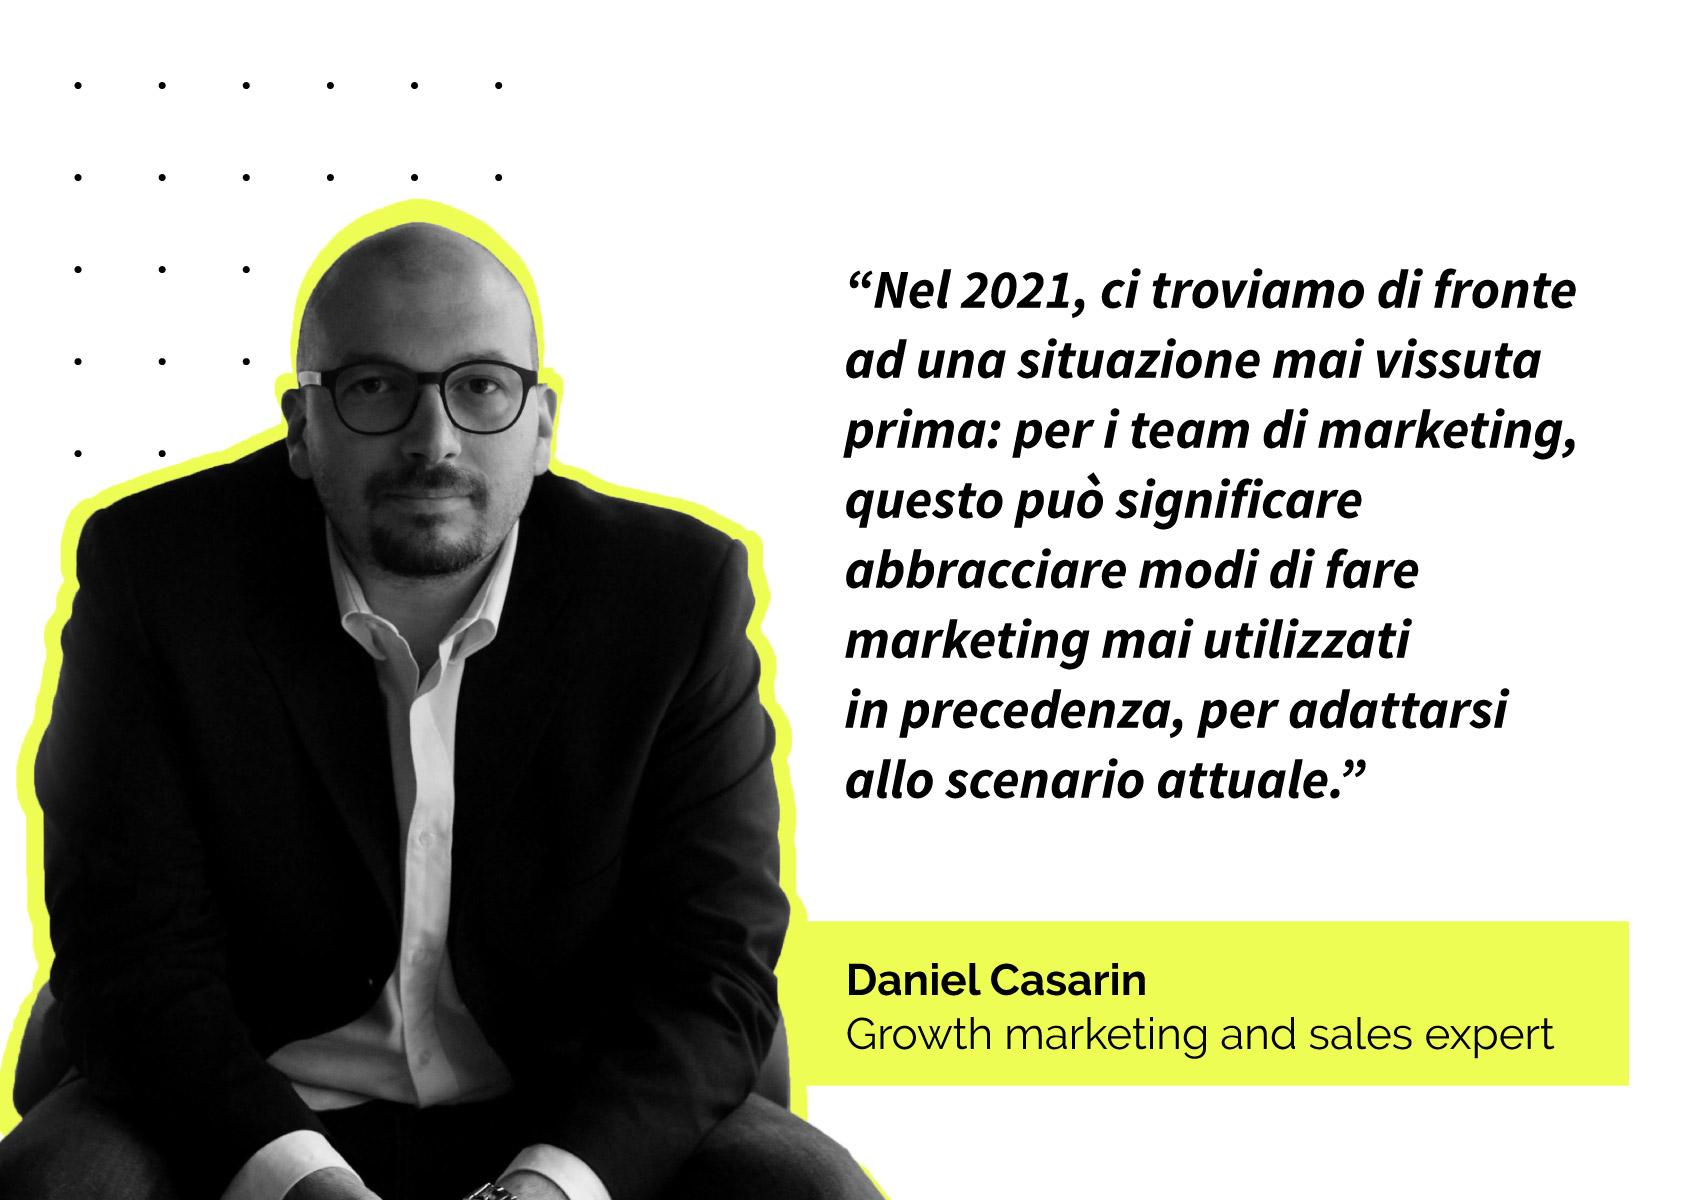 Citazione: Nel 2021, ci troviamo di fronte ad una situazione mai vissuta prima: per i team di marketing, questo può significare abbracciare modi di fare marketing mai utilizzati in precedenza, per adattarsi allo scenario attuale.